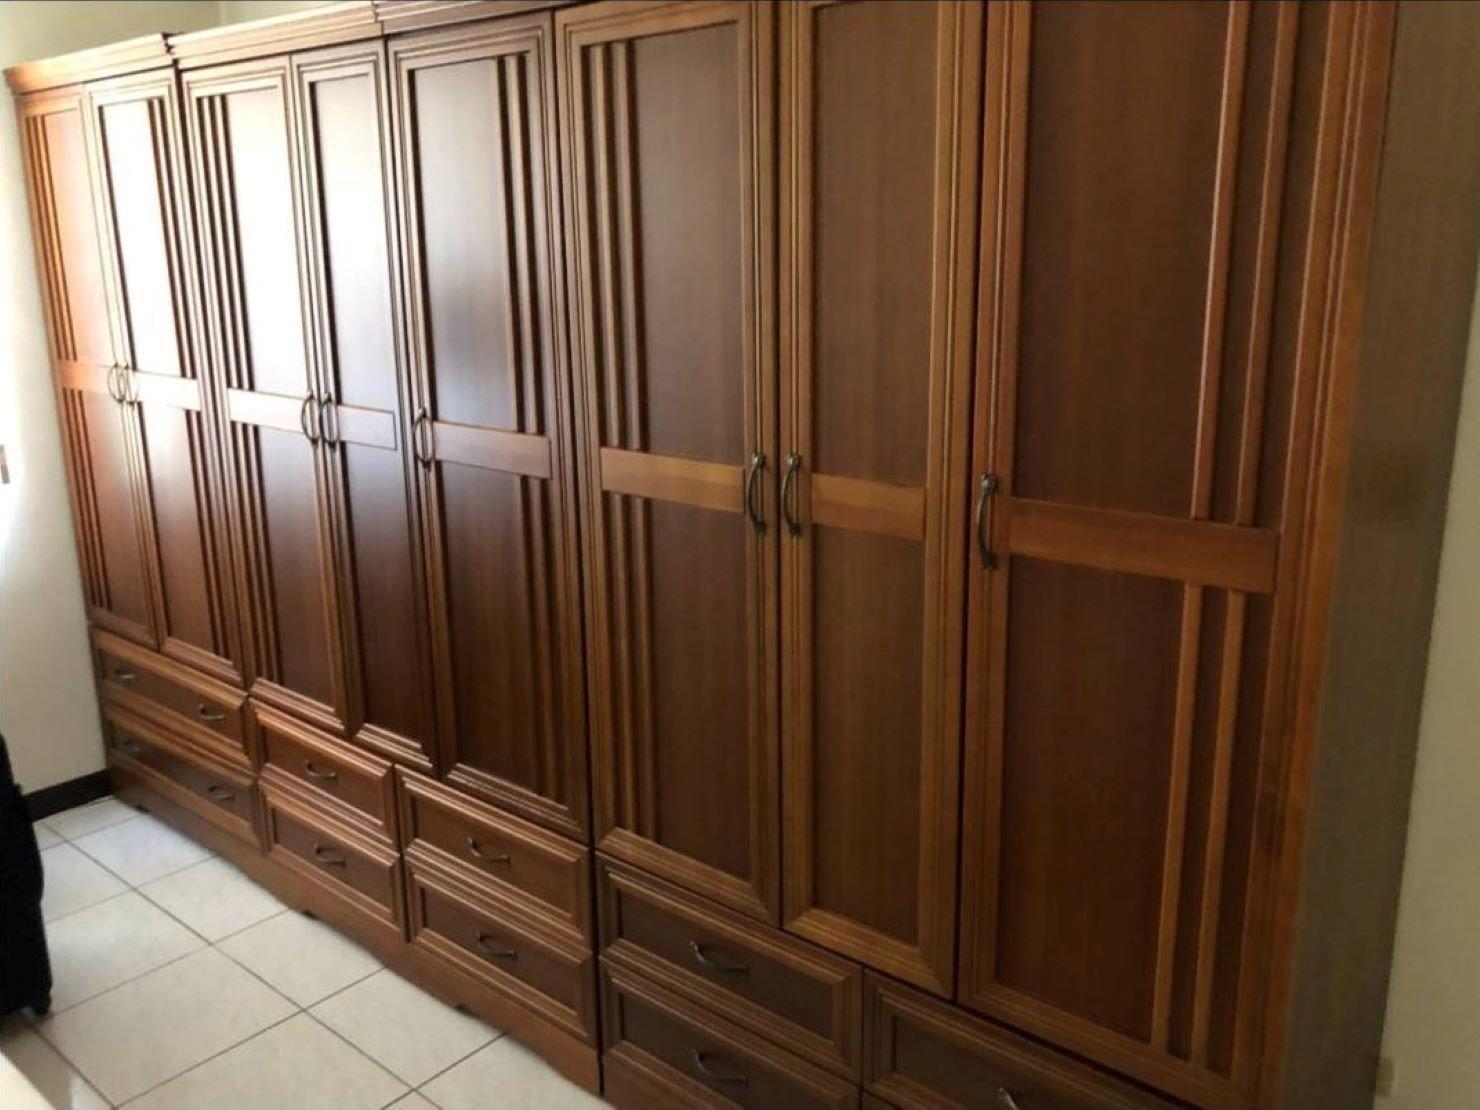 搬家公司【榮福搬家公司】拆裝家具、 搬家值得您的信賴與選擇:大型木製衣櫃簡易拆裝-只要將衣櫃中間的螺絲卸下就可以分成上下層了,也方便師傅們搬運。